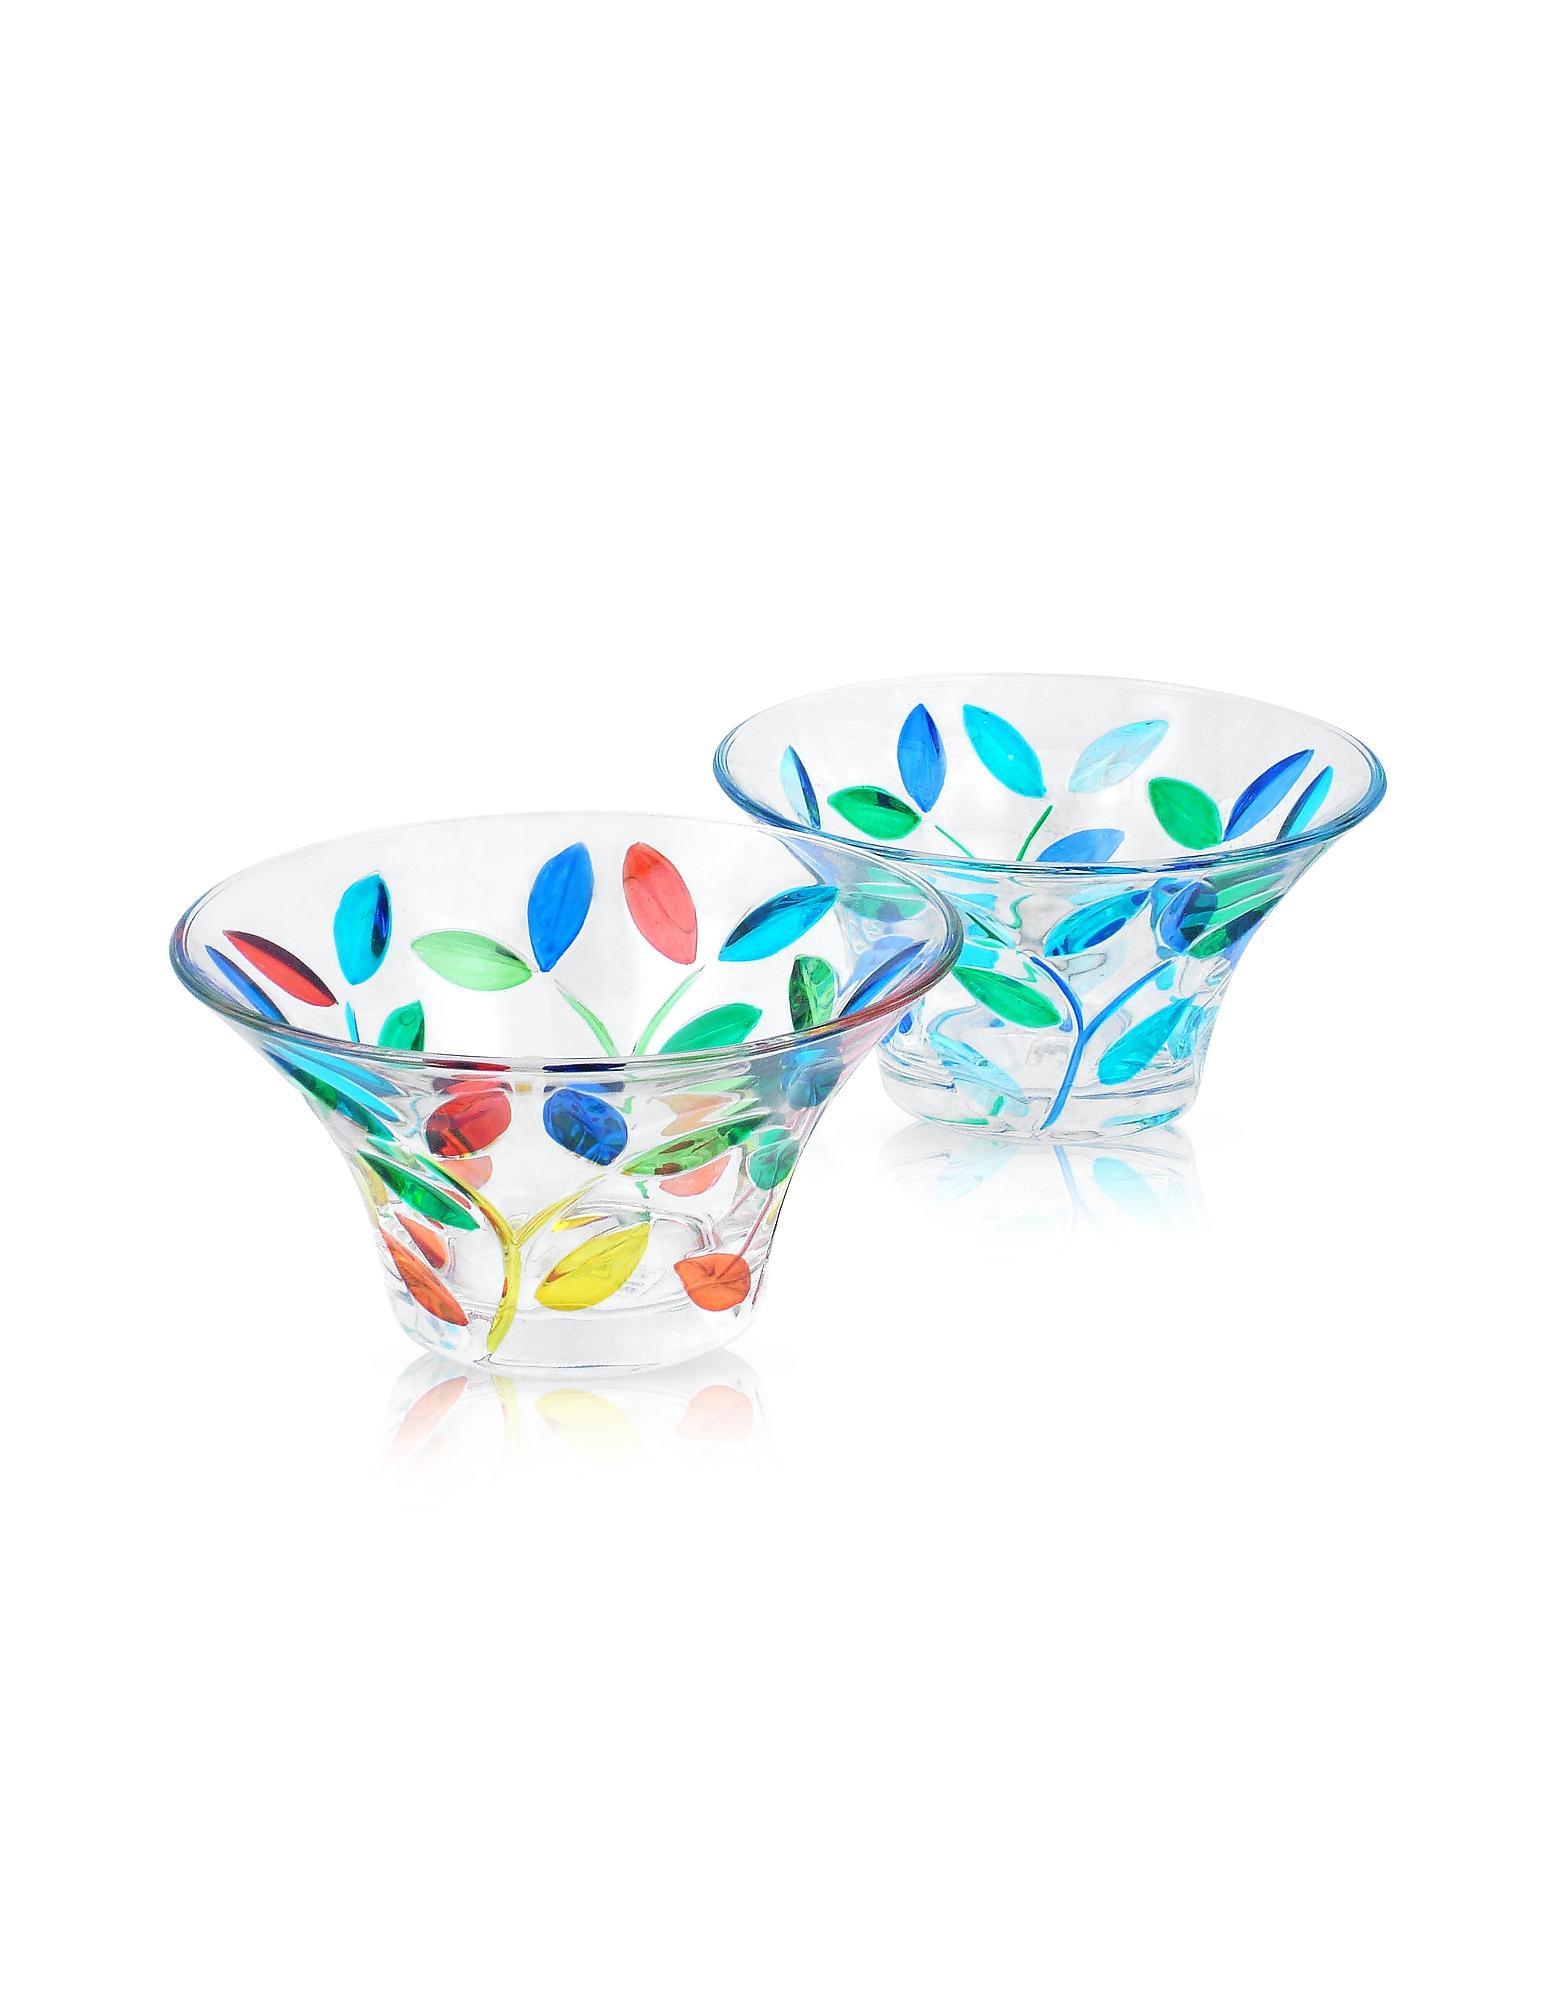 Due Zeta Designer Kitchen & Dining, Rialto - Hand Decorated Murano Glass Small Bowl